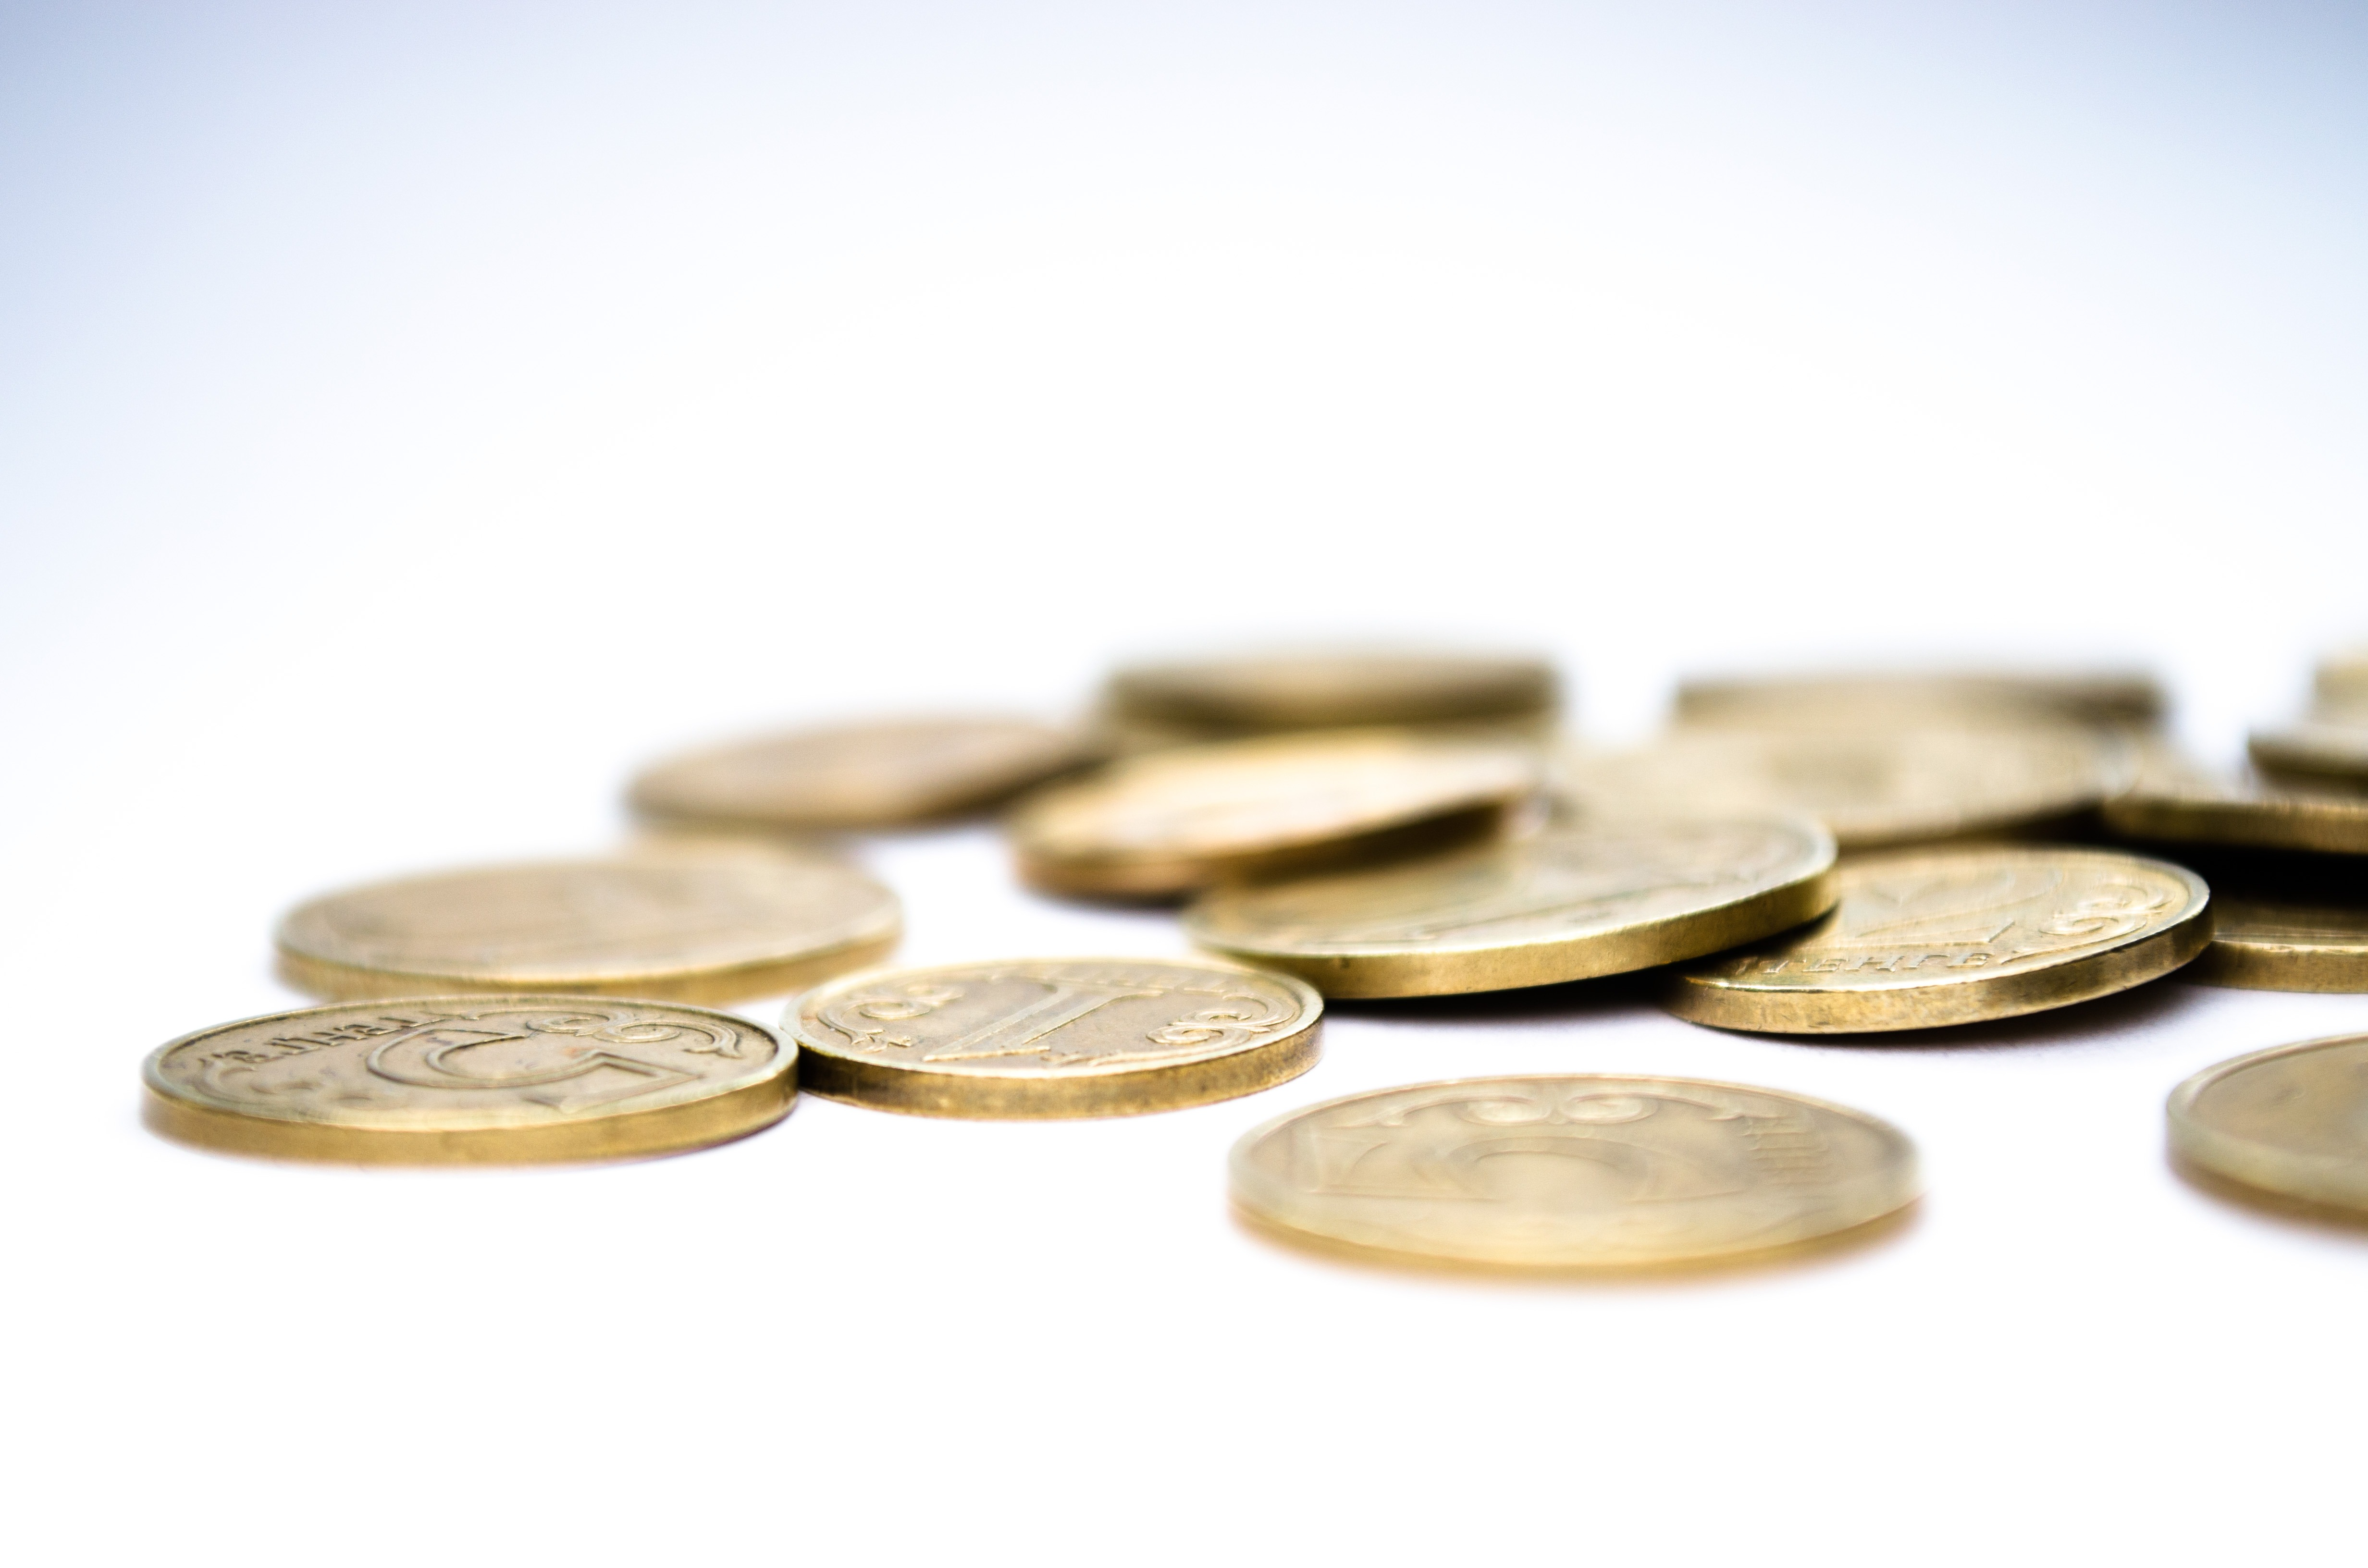 Breve análise do relacionamento financeiro do BB X Previ